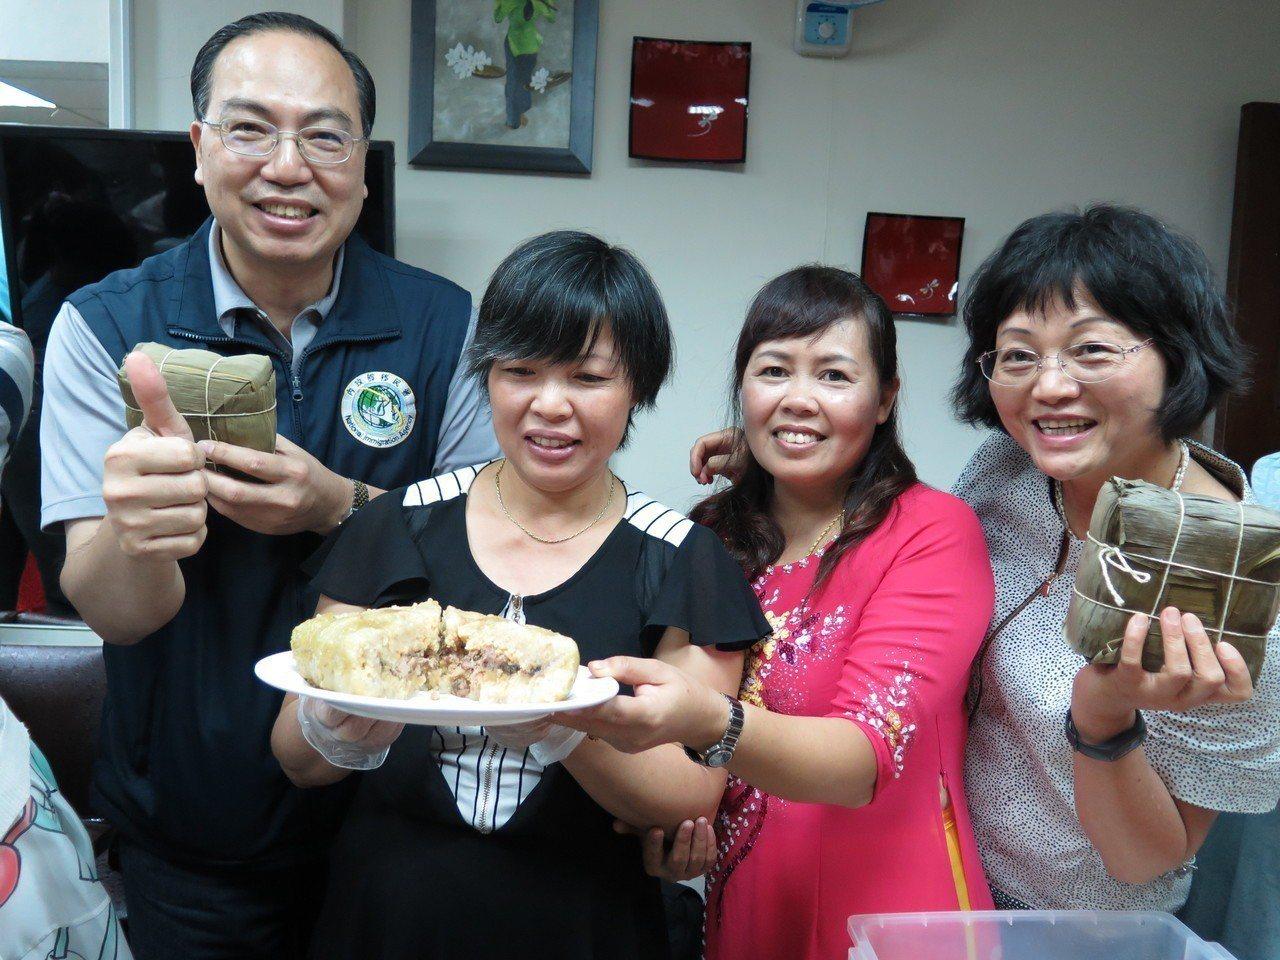 北越的粽子為方形且「塊頭很大」,一個人吃根本吃不完。 記者張裕珍/攝影